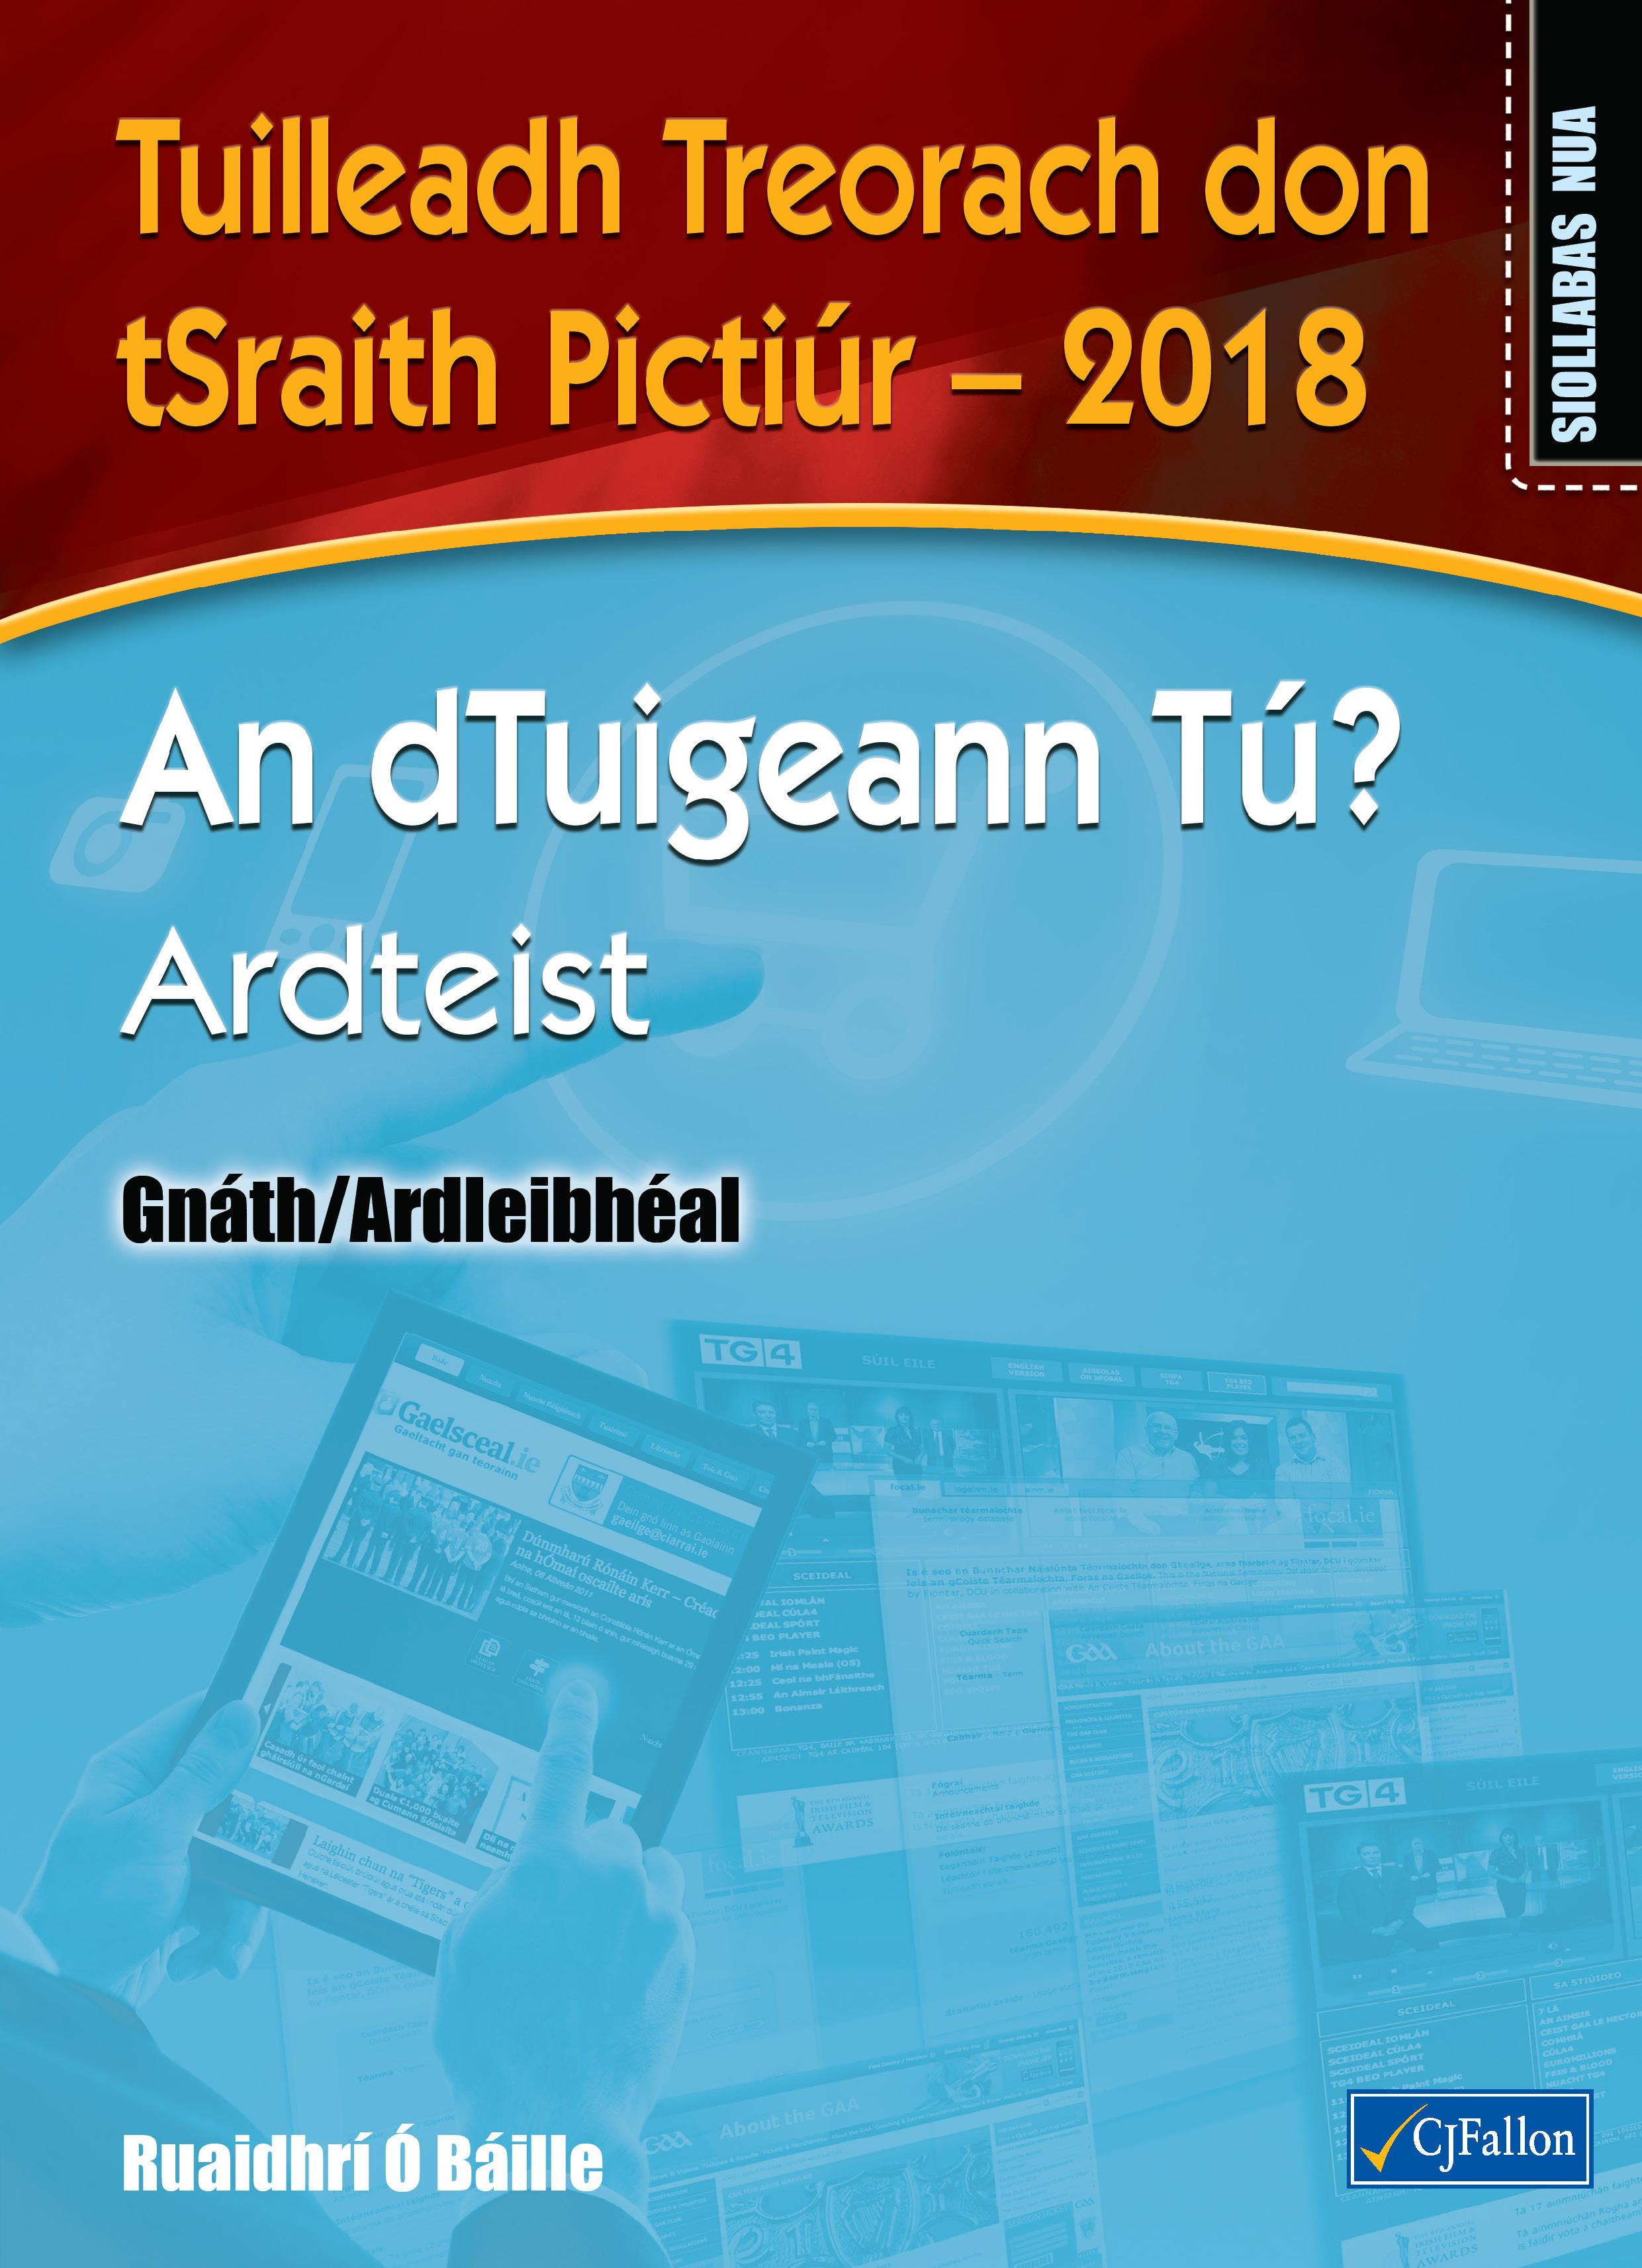 Tuilleadh Treorach don tSraith Pictiúr – 2018